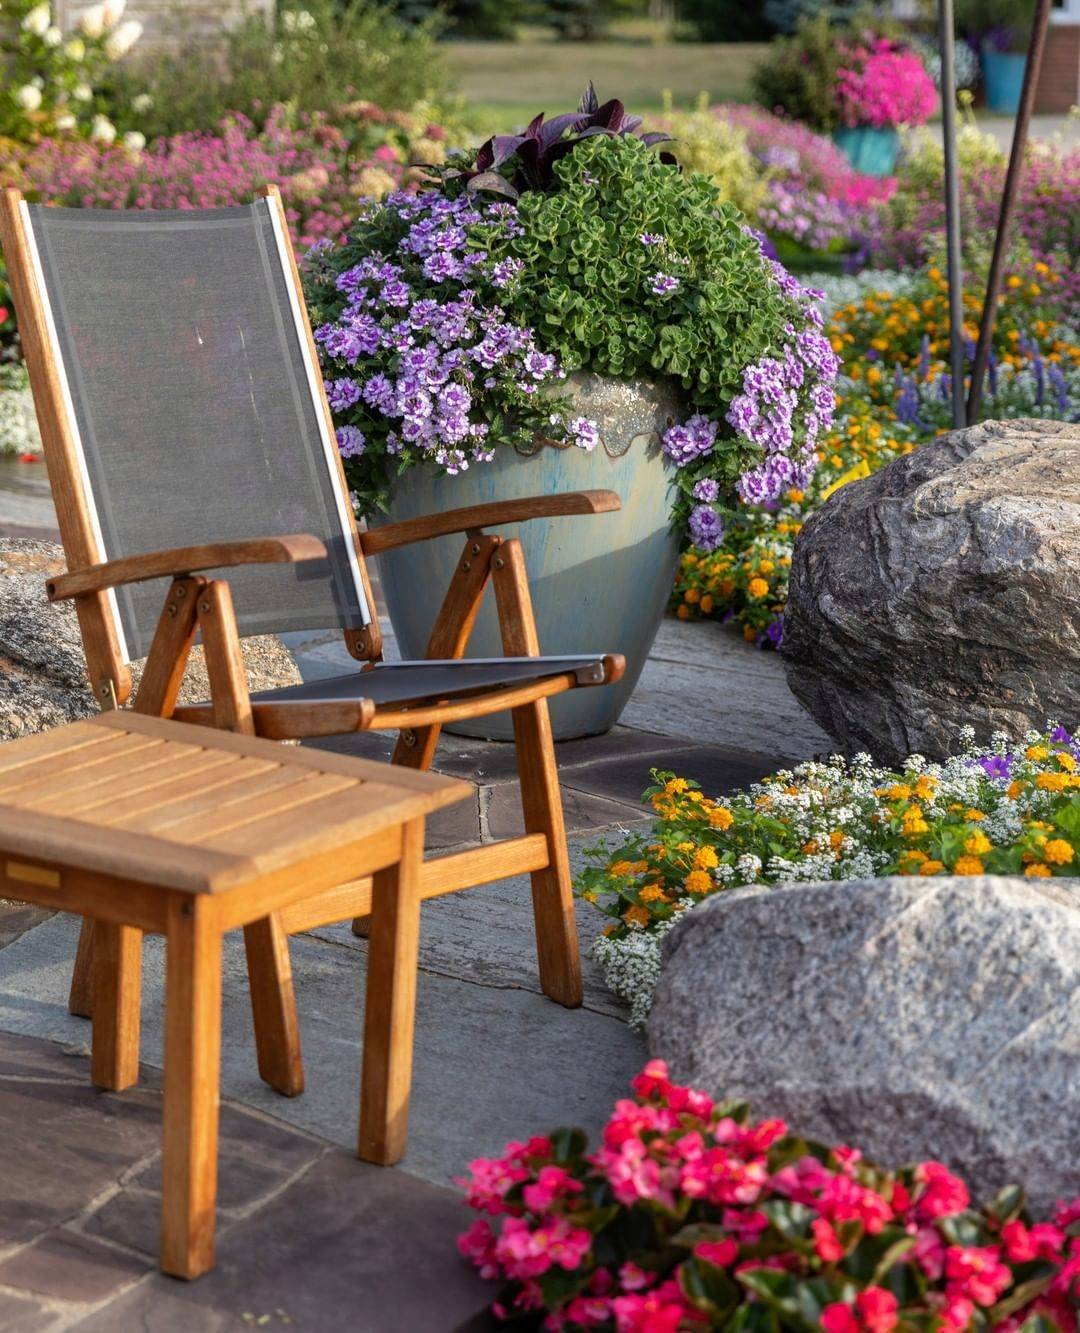 Preparing your garden forn the next season